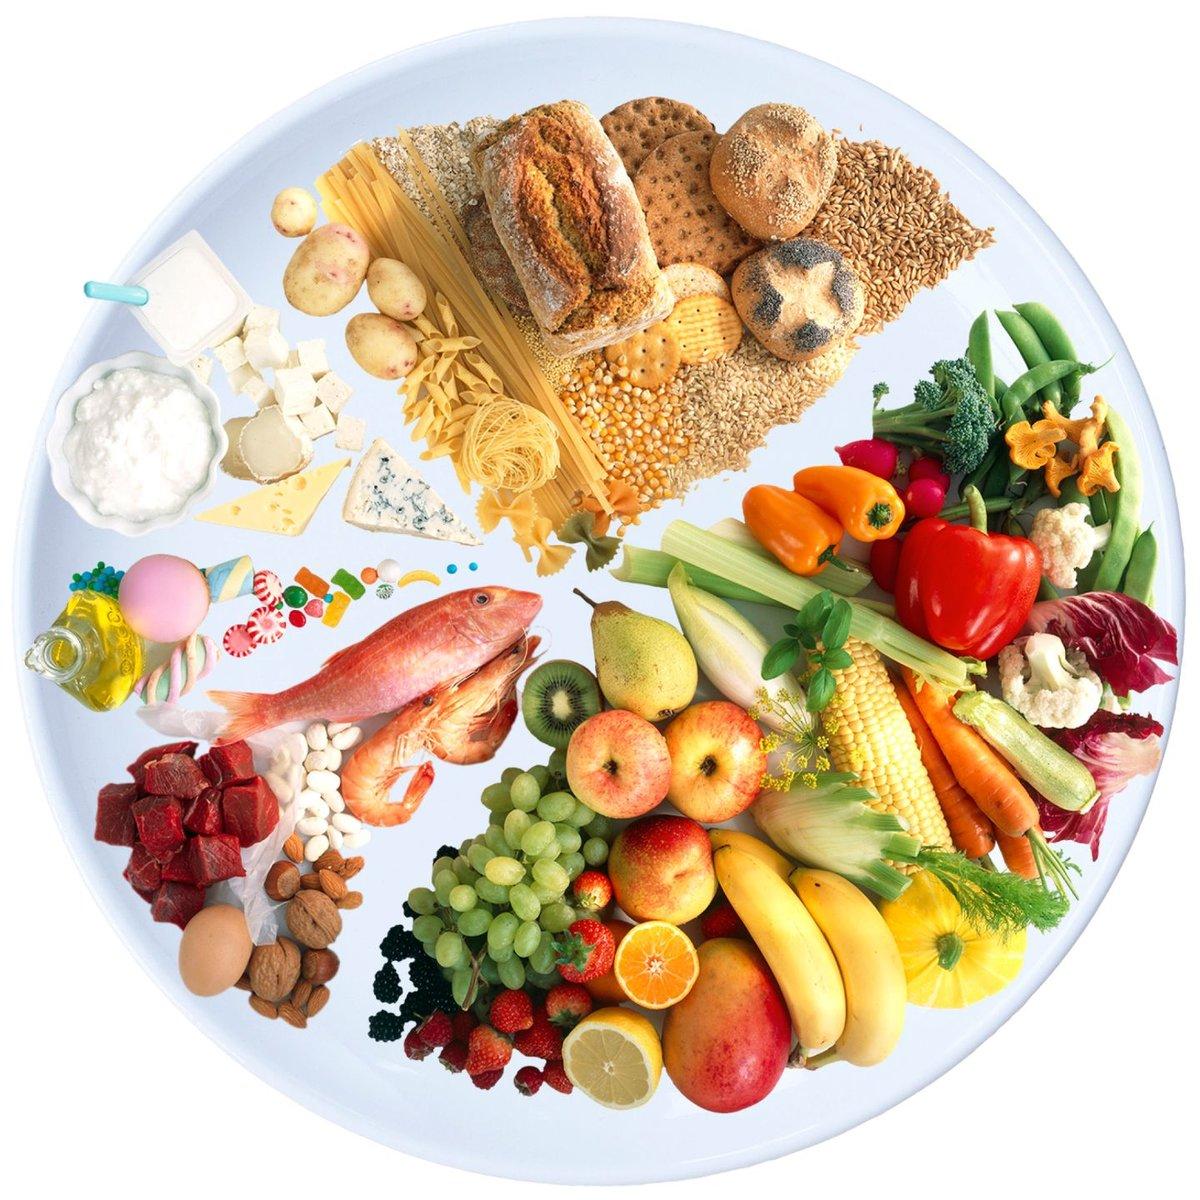 Чем кормить кошку в домашних условиях натуральной едой: особенности питания